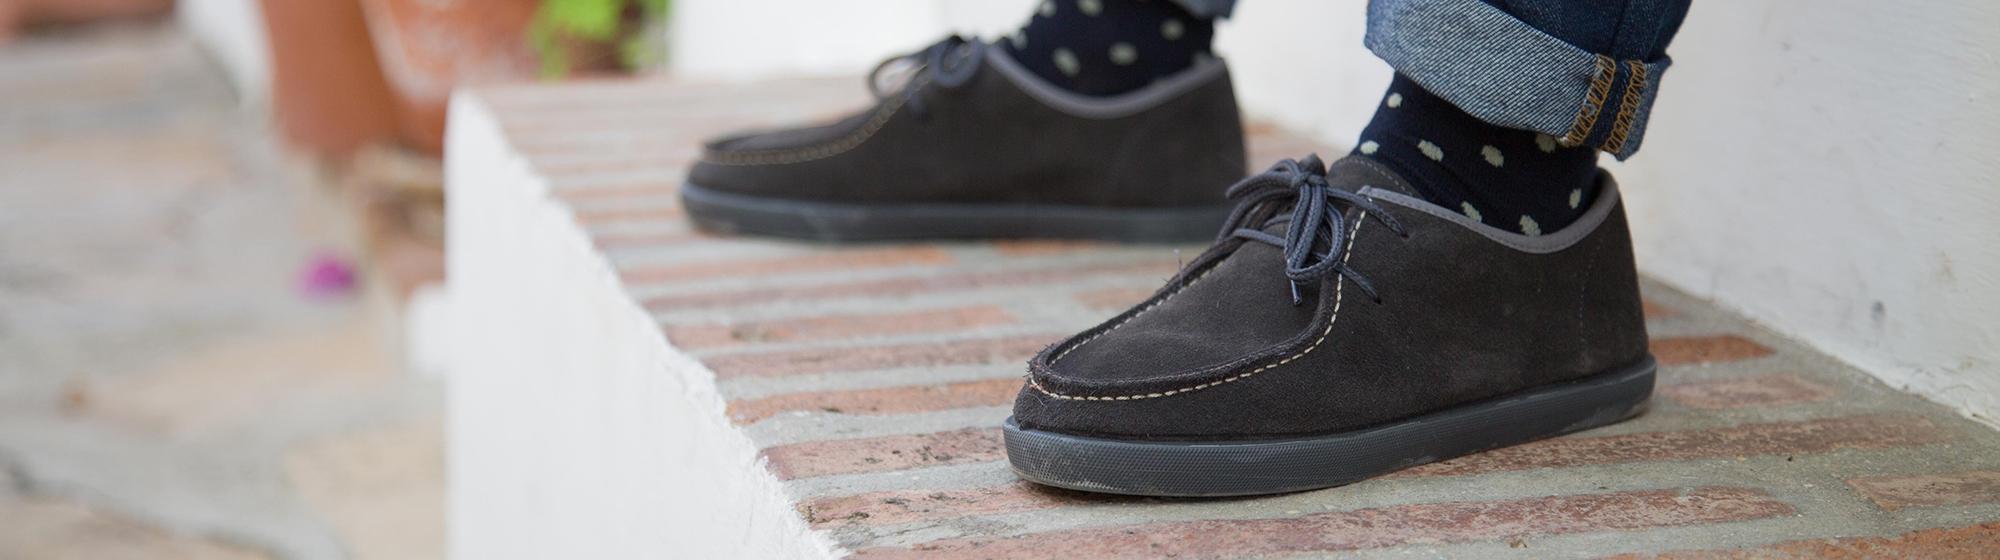 Calzado y Zapatos para Niños  ca8d43d097a5